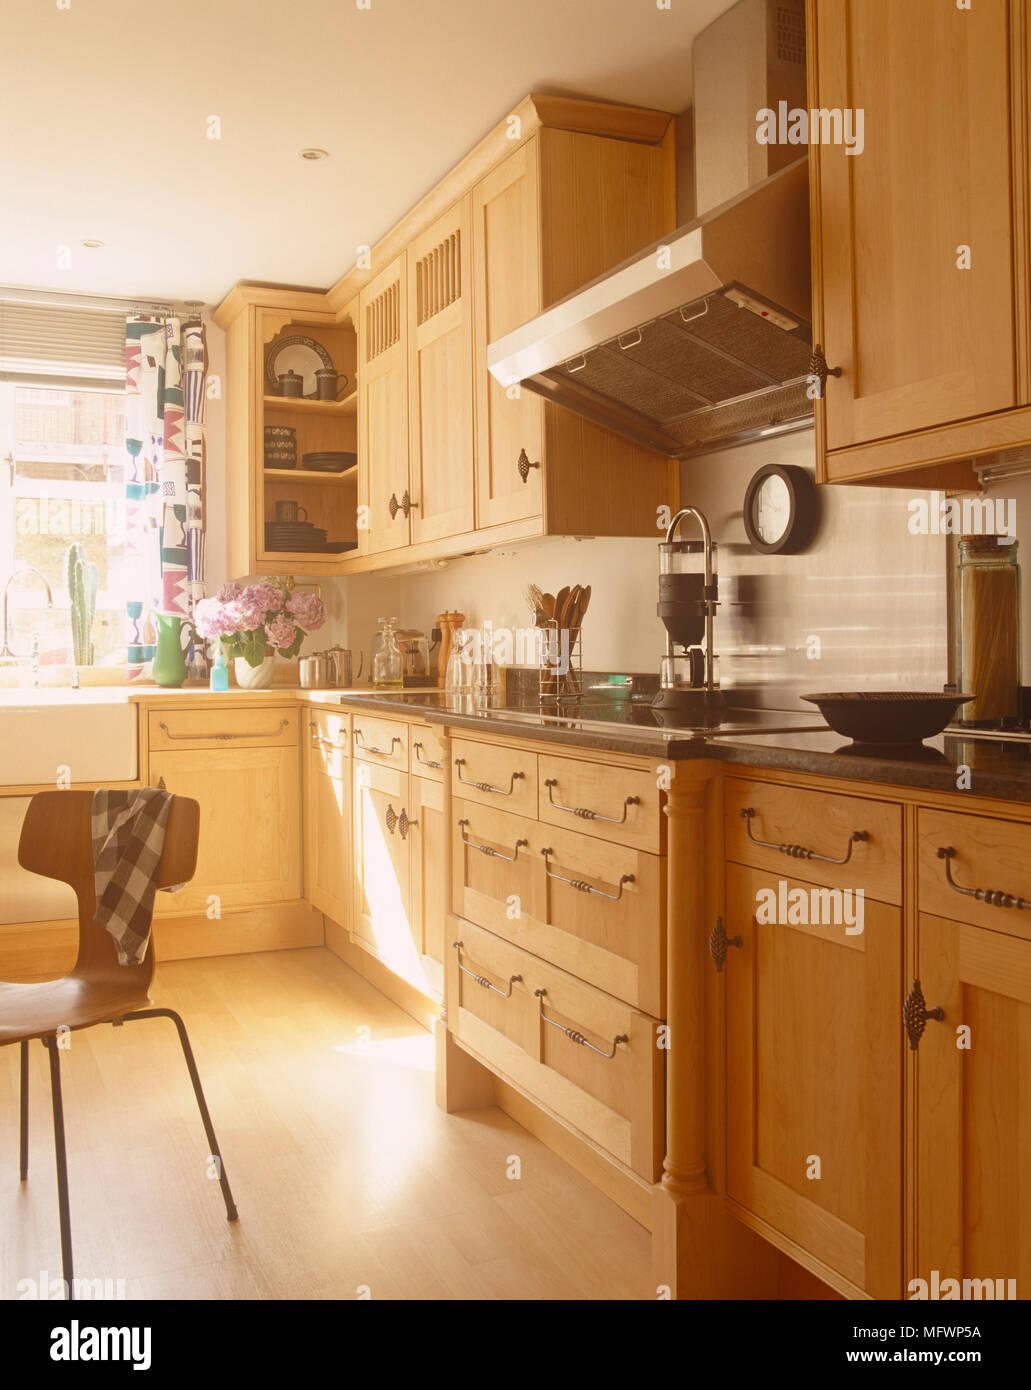 Holz in der Küche im Landhausstil Stockfoto, Bild: 181889718 ...